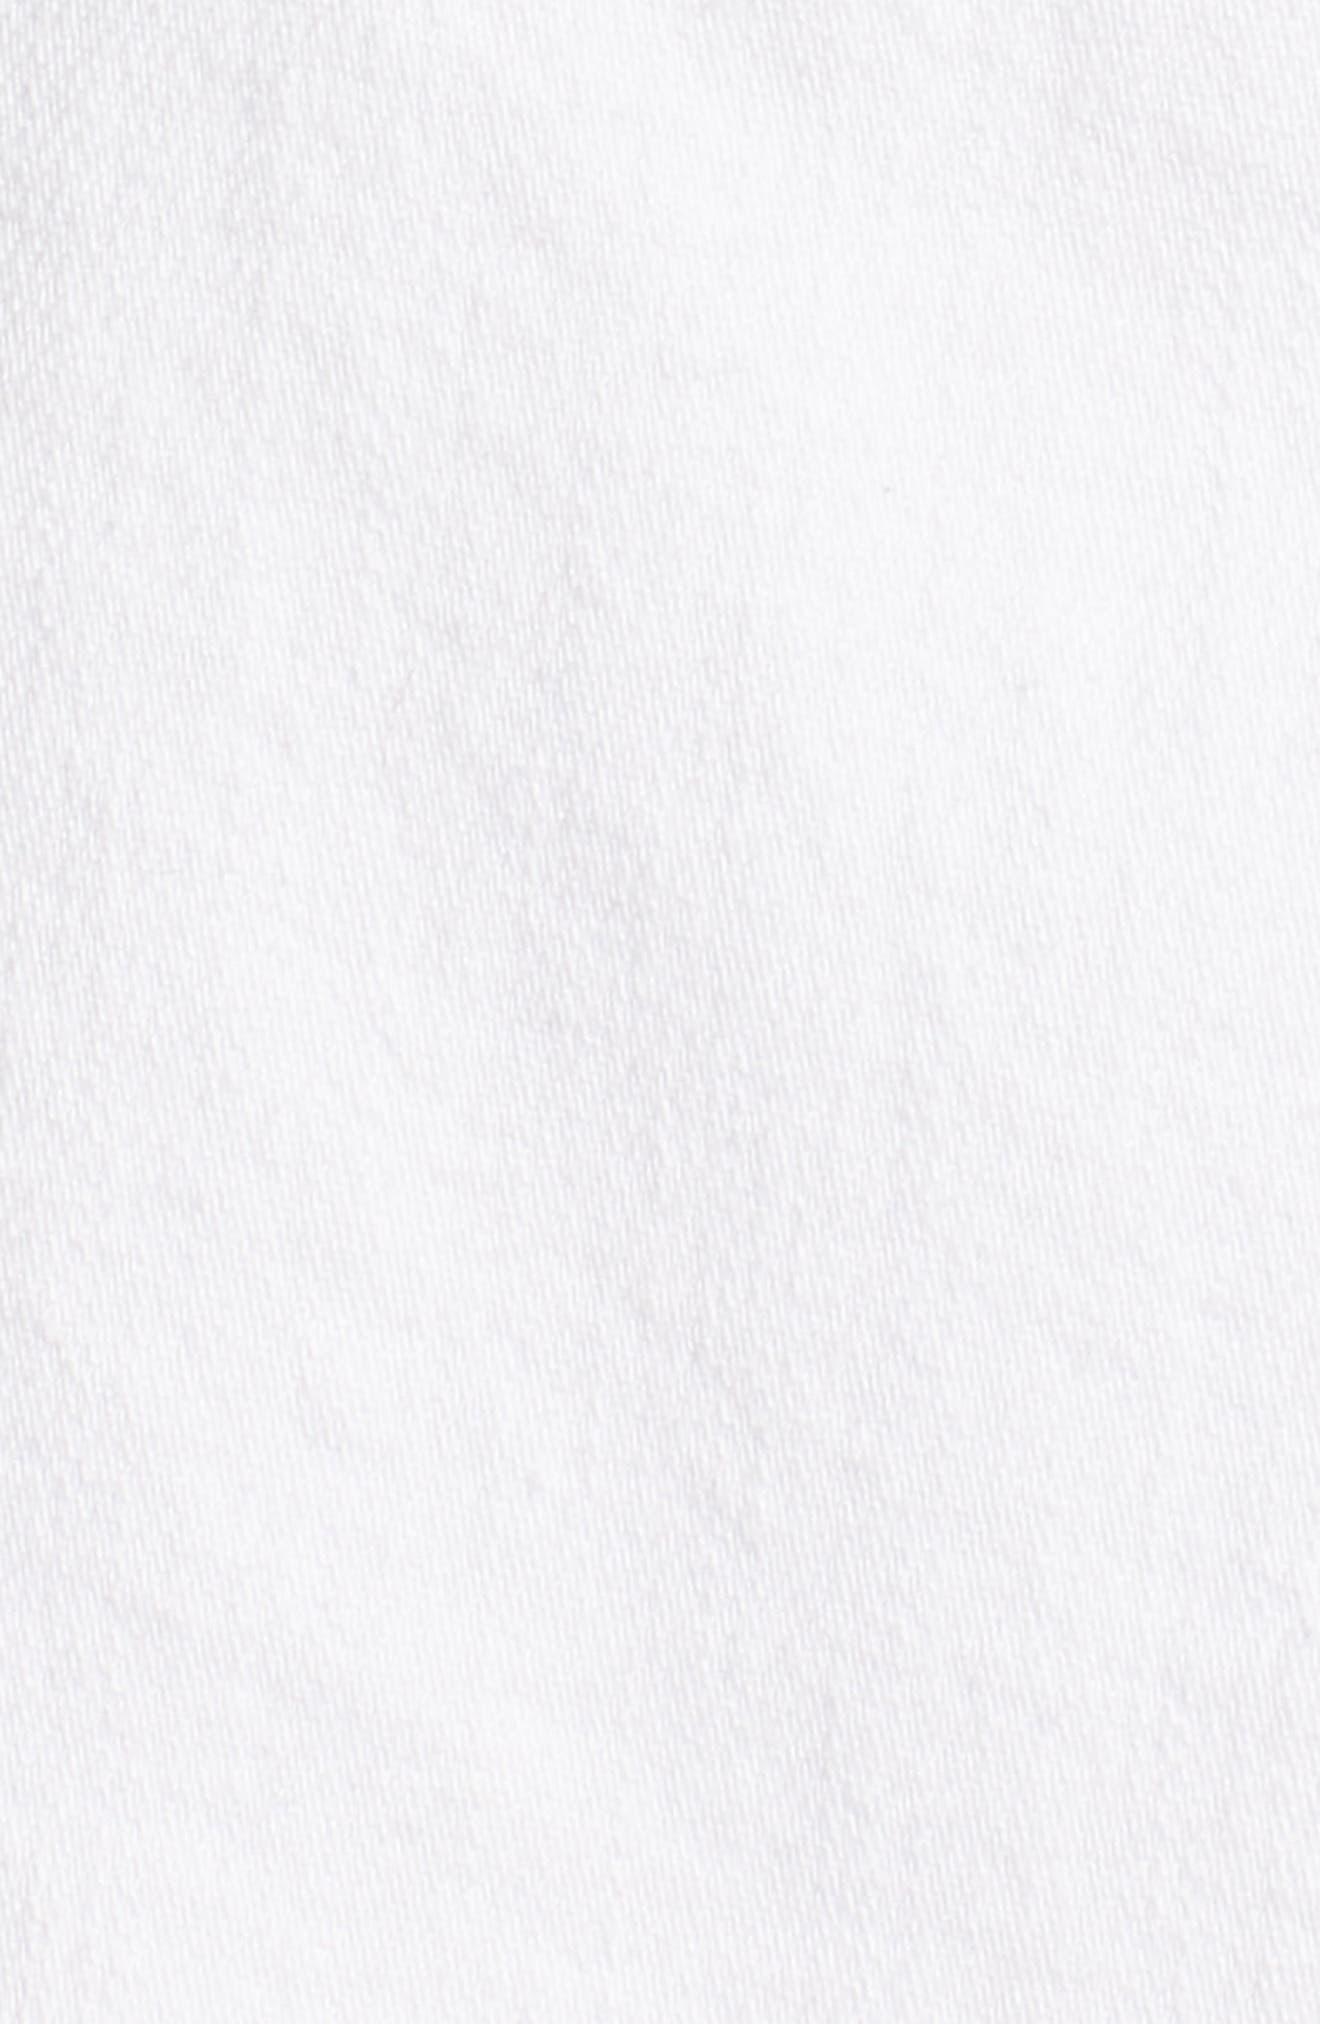 Fray Hem Denim Skirt,                             Alternate thumbnail 6, color,                             100